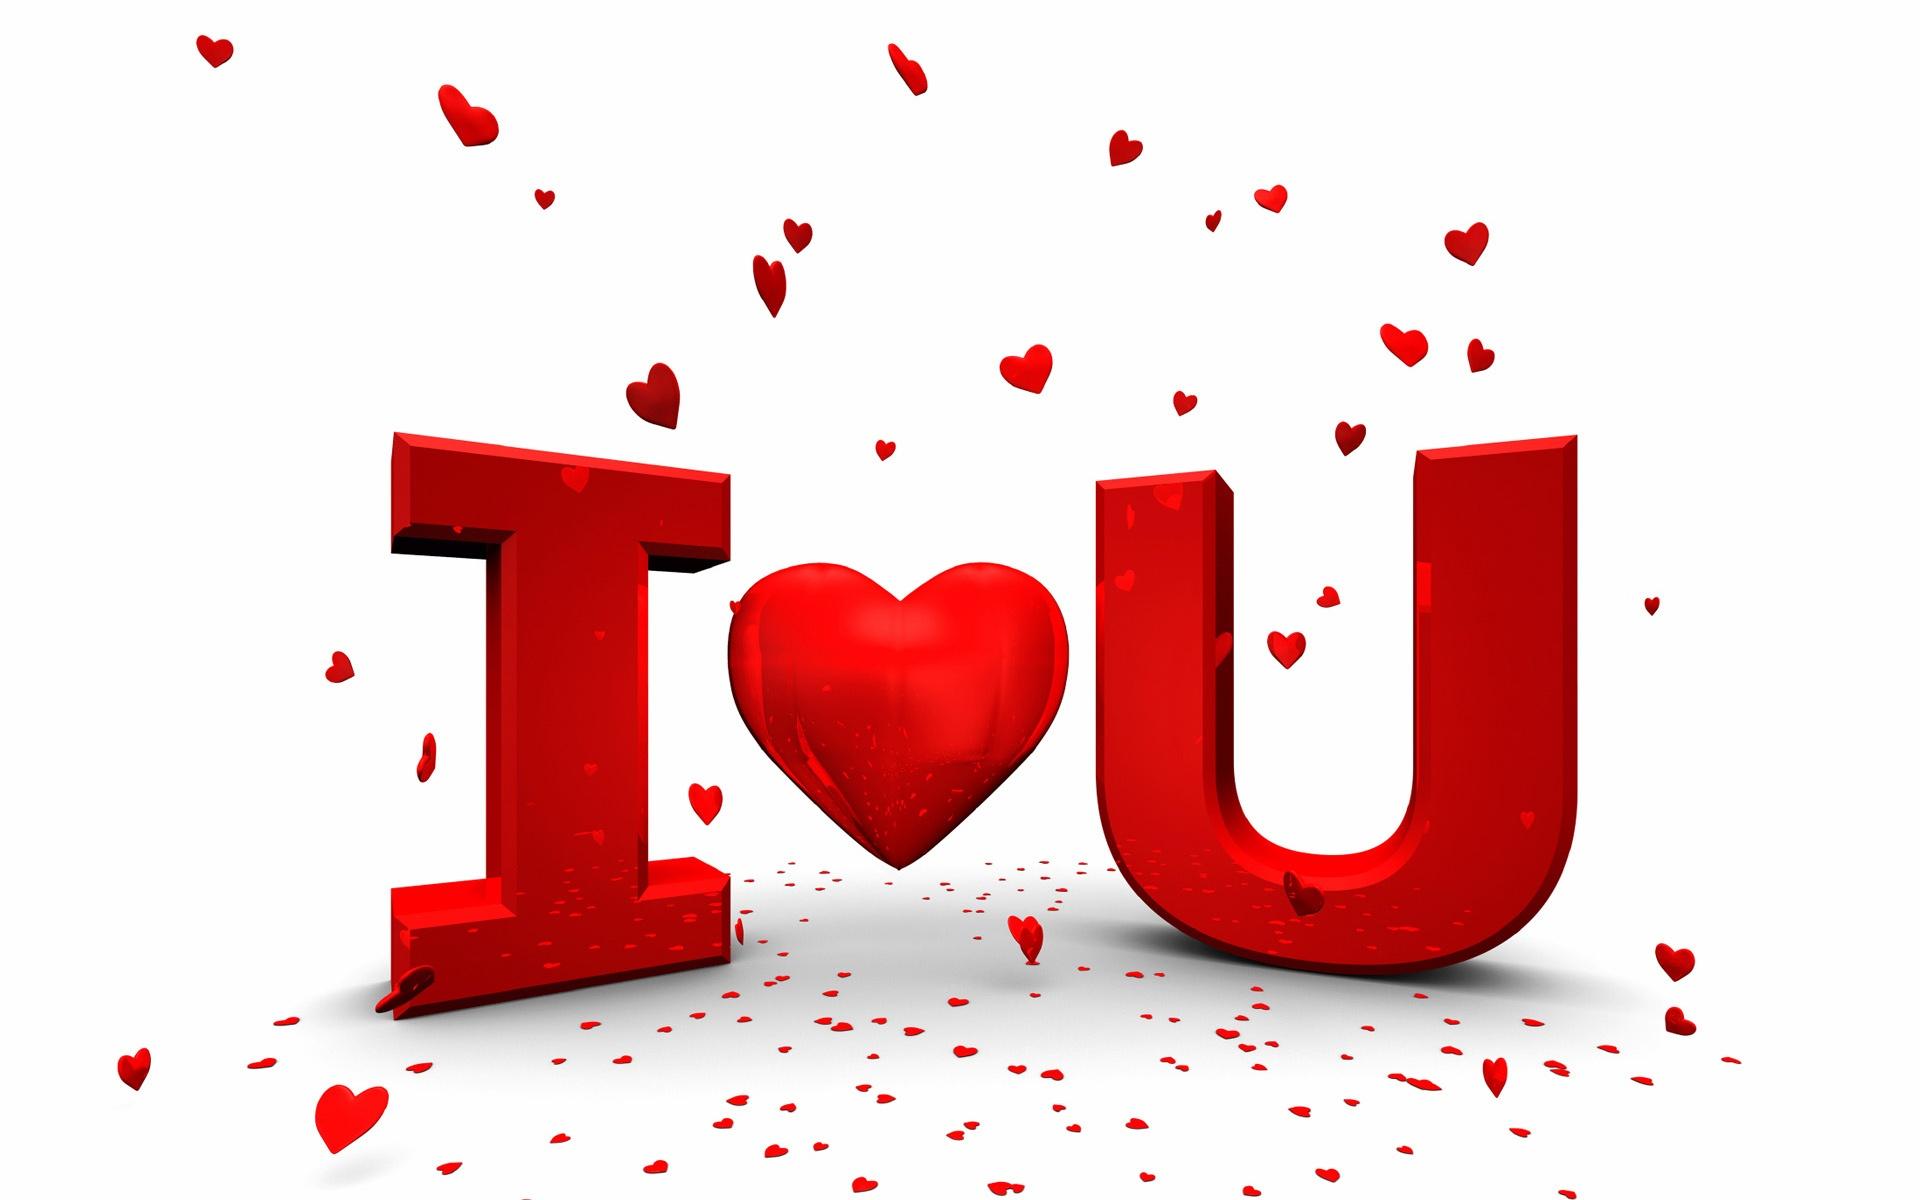 I LOVE YOU. i_love_you____by_this_is_the_life2905-d30bx3j. I_love_you_by_Pamba. i_love_you_desktop_wallpaper_03. i_love_you_hd-1920x1200